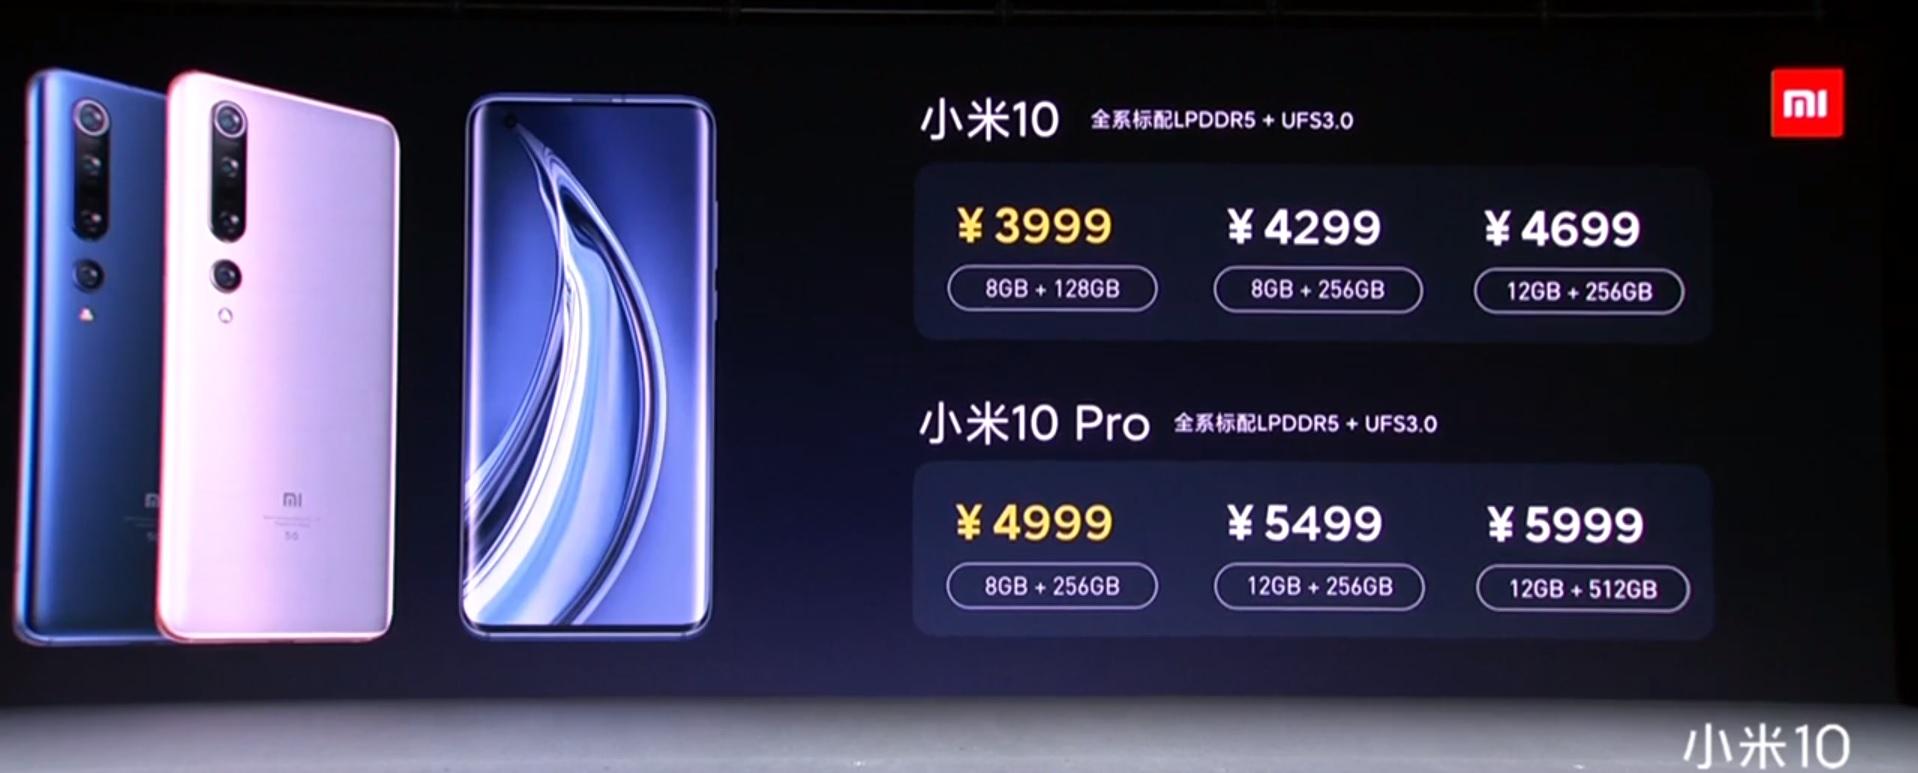 Xiaomi Mi 10 Pro ceny